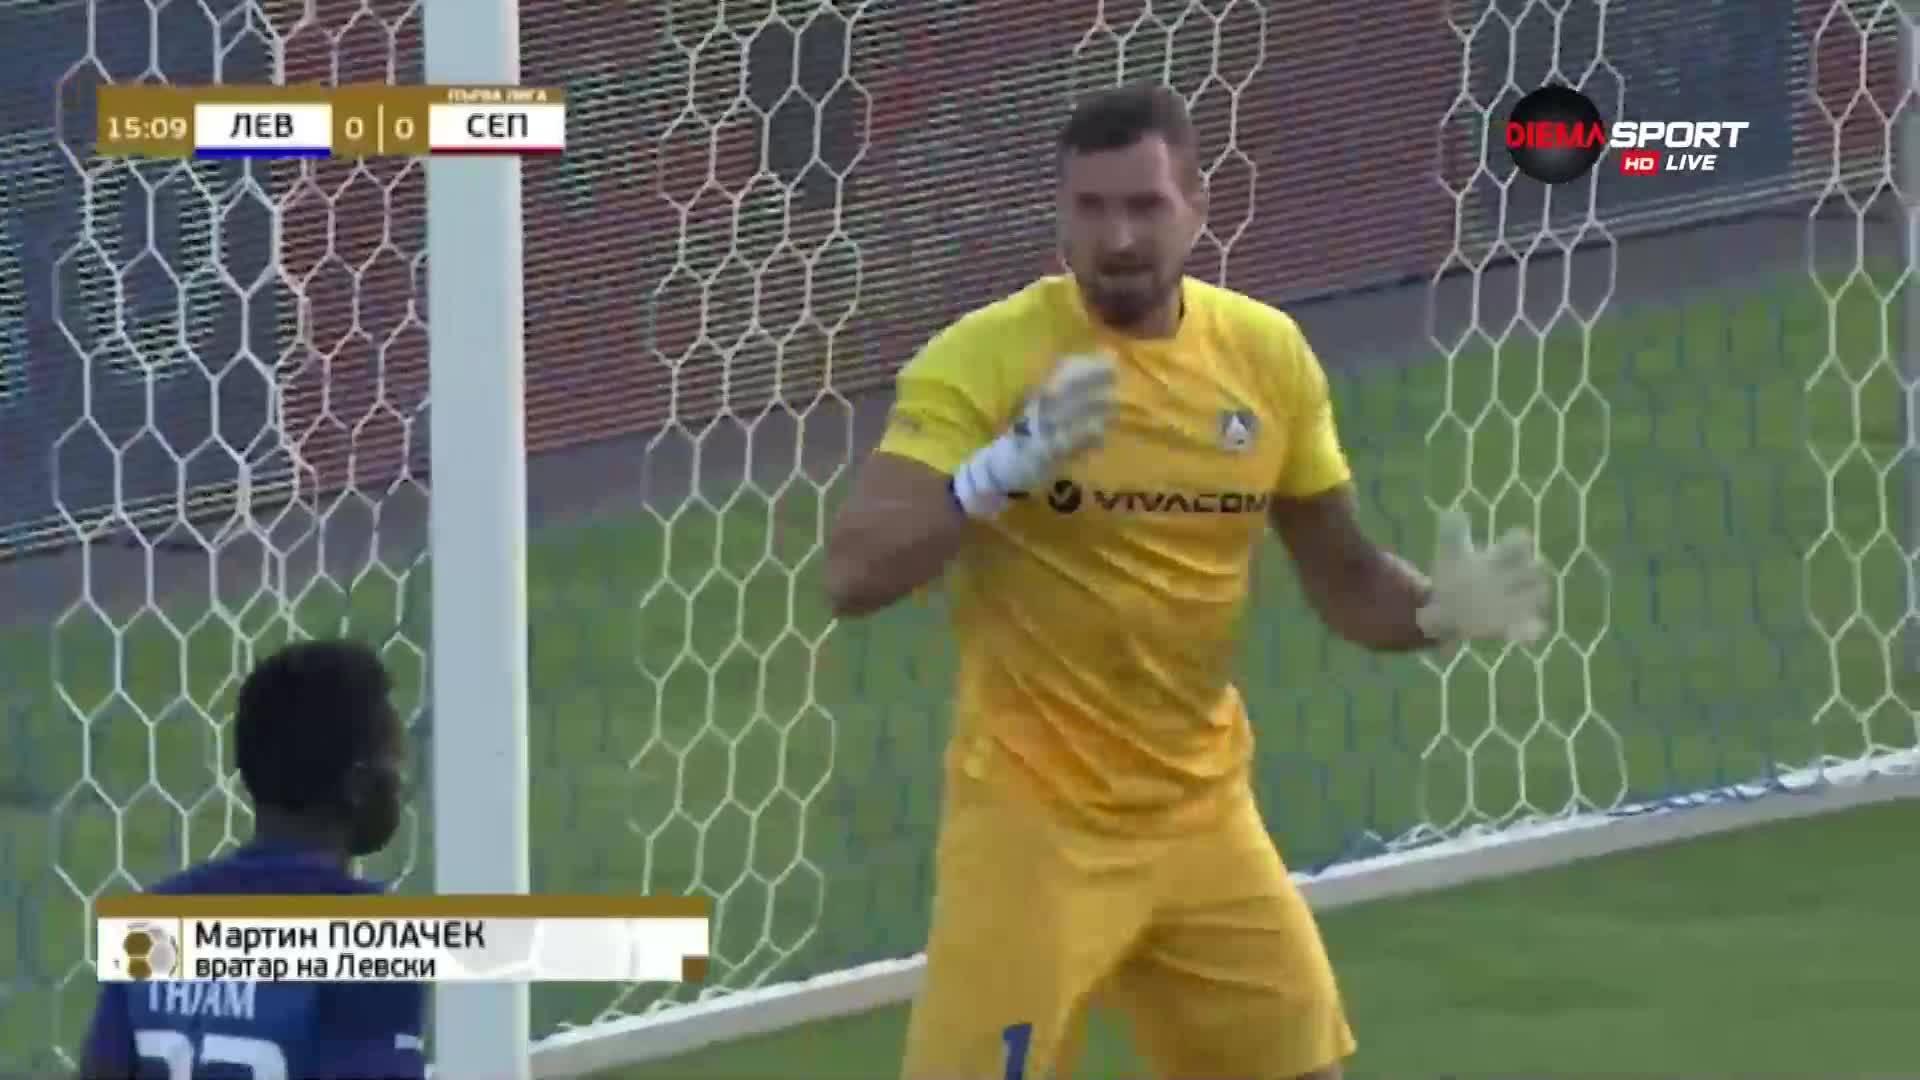 Спасяване на Мартин Полачек от Левски срещу Септември